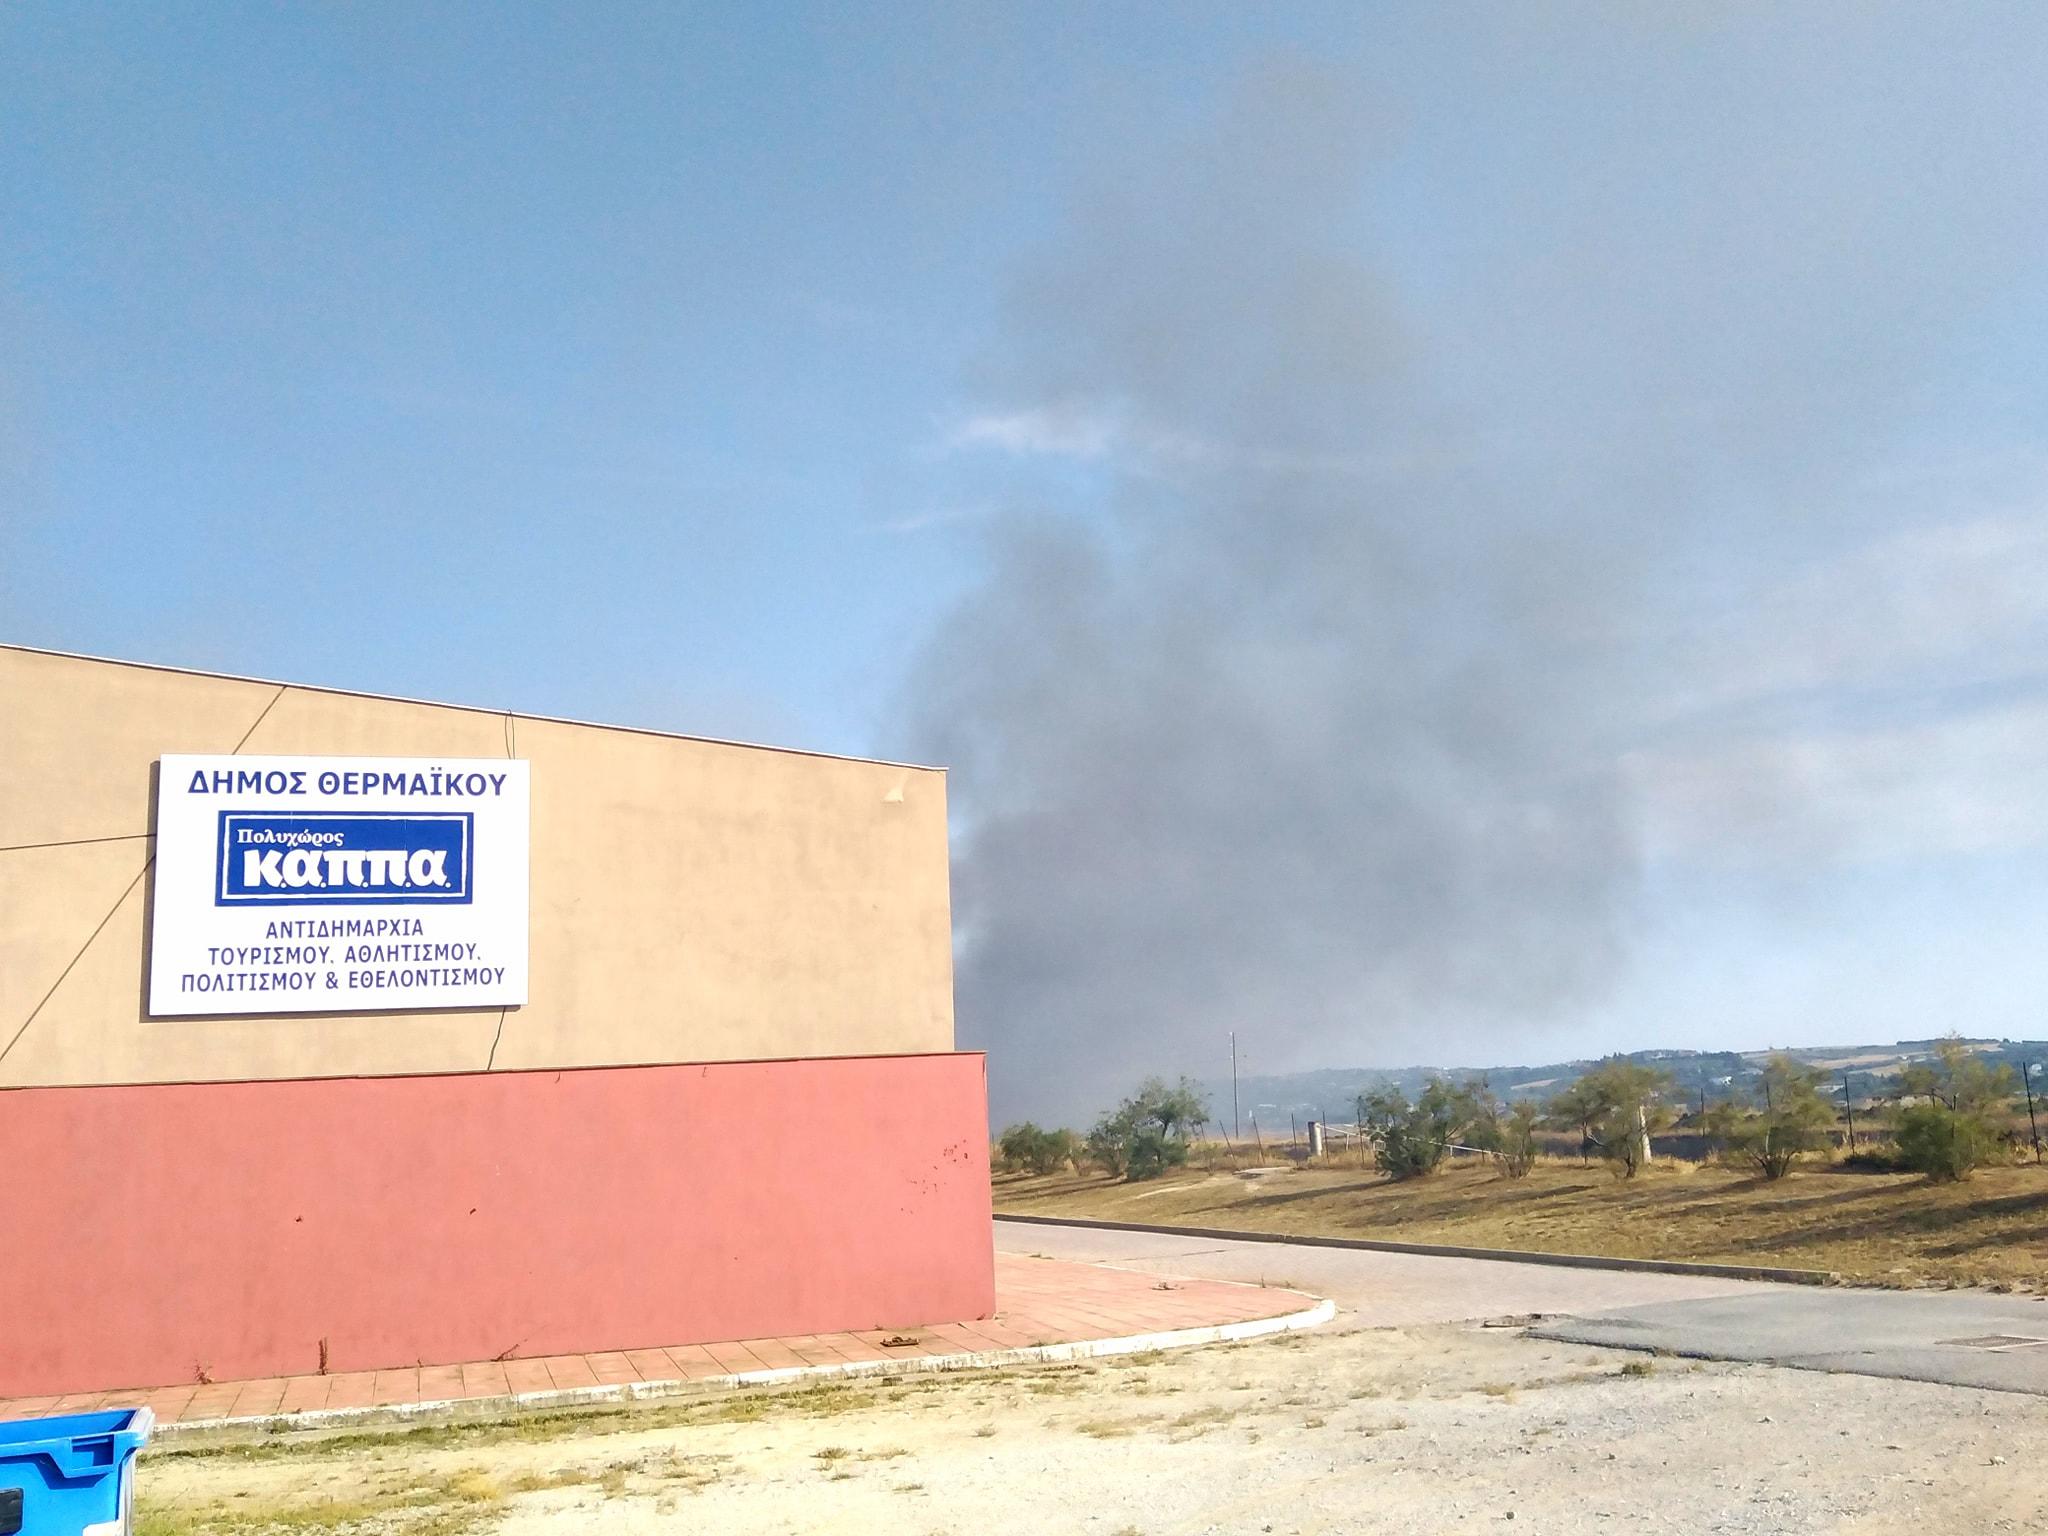 Ξανά φωτιά στα Τσαϊρια- Εκρηξη οργής από Τροκάνα